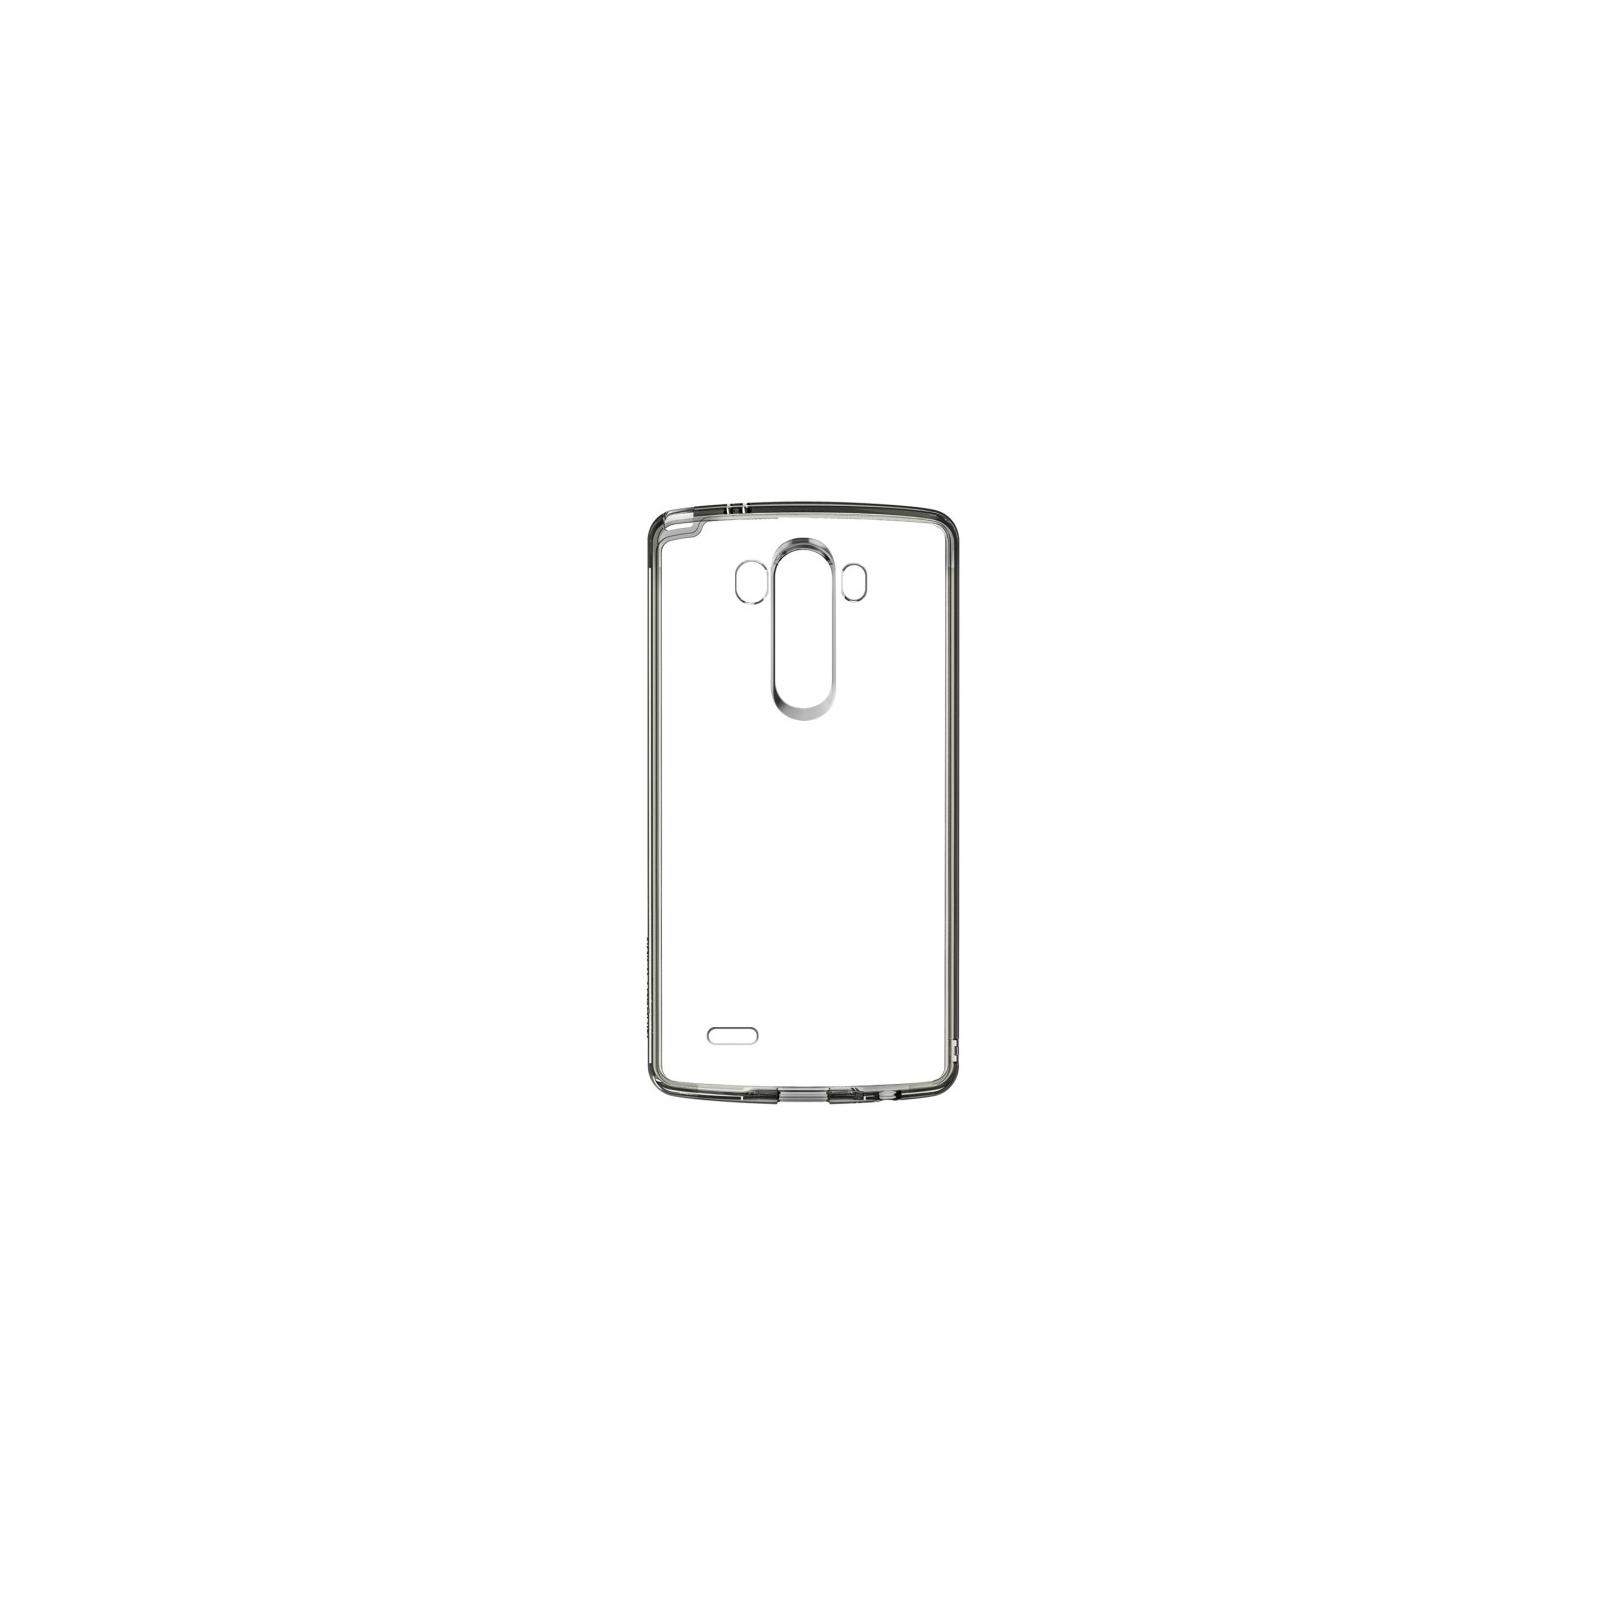 Чехол для моб. телефона Ringke Fusion для LG G3 (Crystal View) (157978) изображение 2